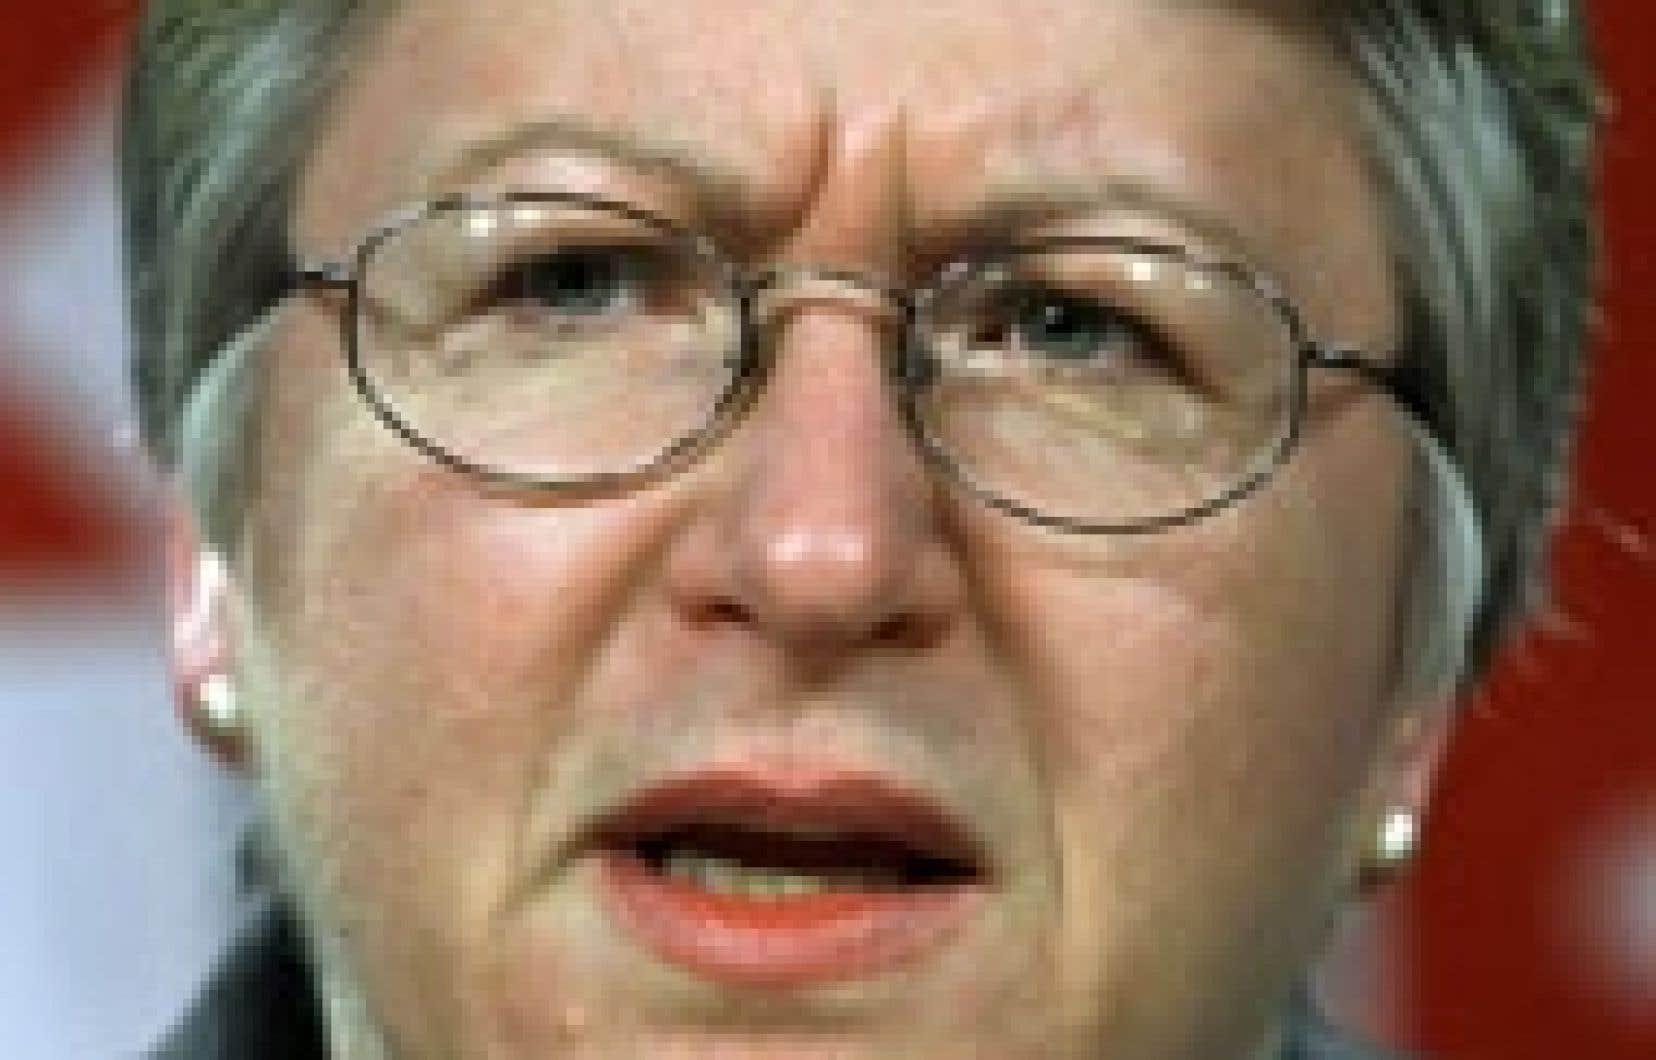 Le 10 février 2004, Sheila Fraser déposait un rapport accablant sur le programme des commandites.